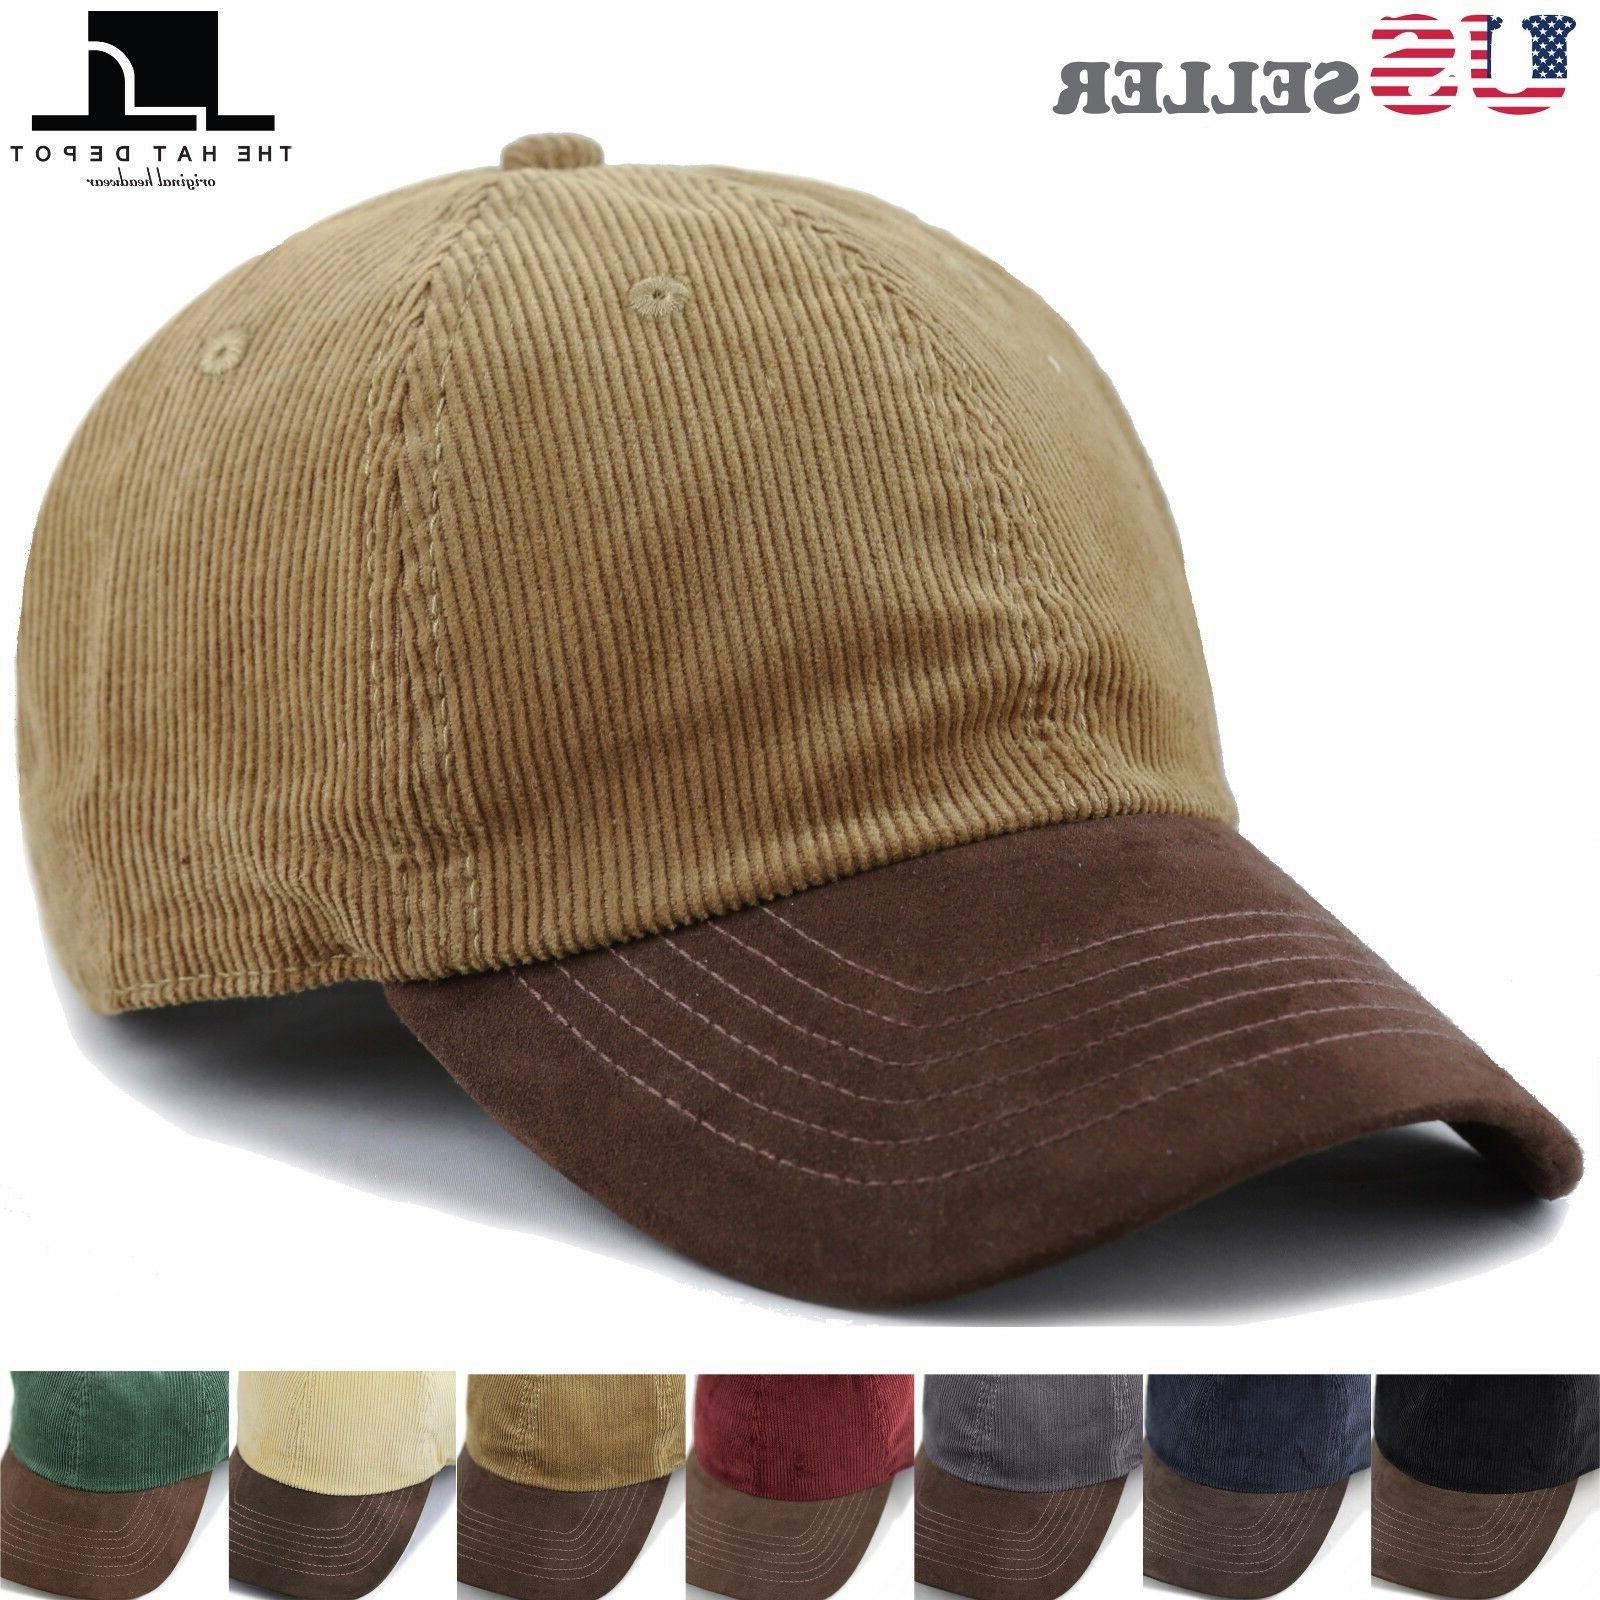 THE HAT DEPOT Cotton Corduroy Suede Visor Adjustable Unstruc